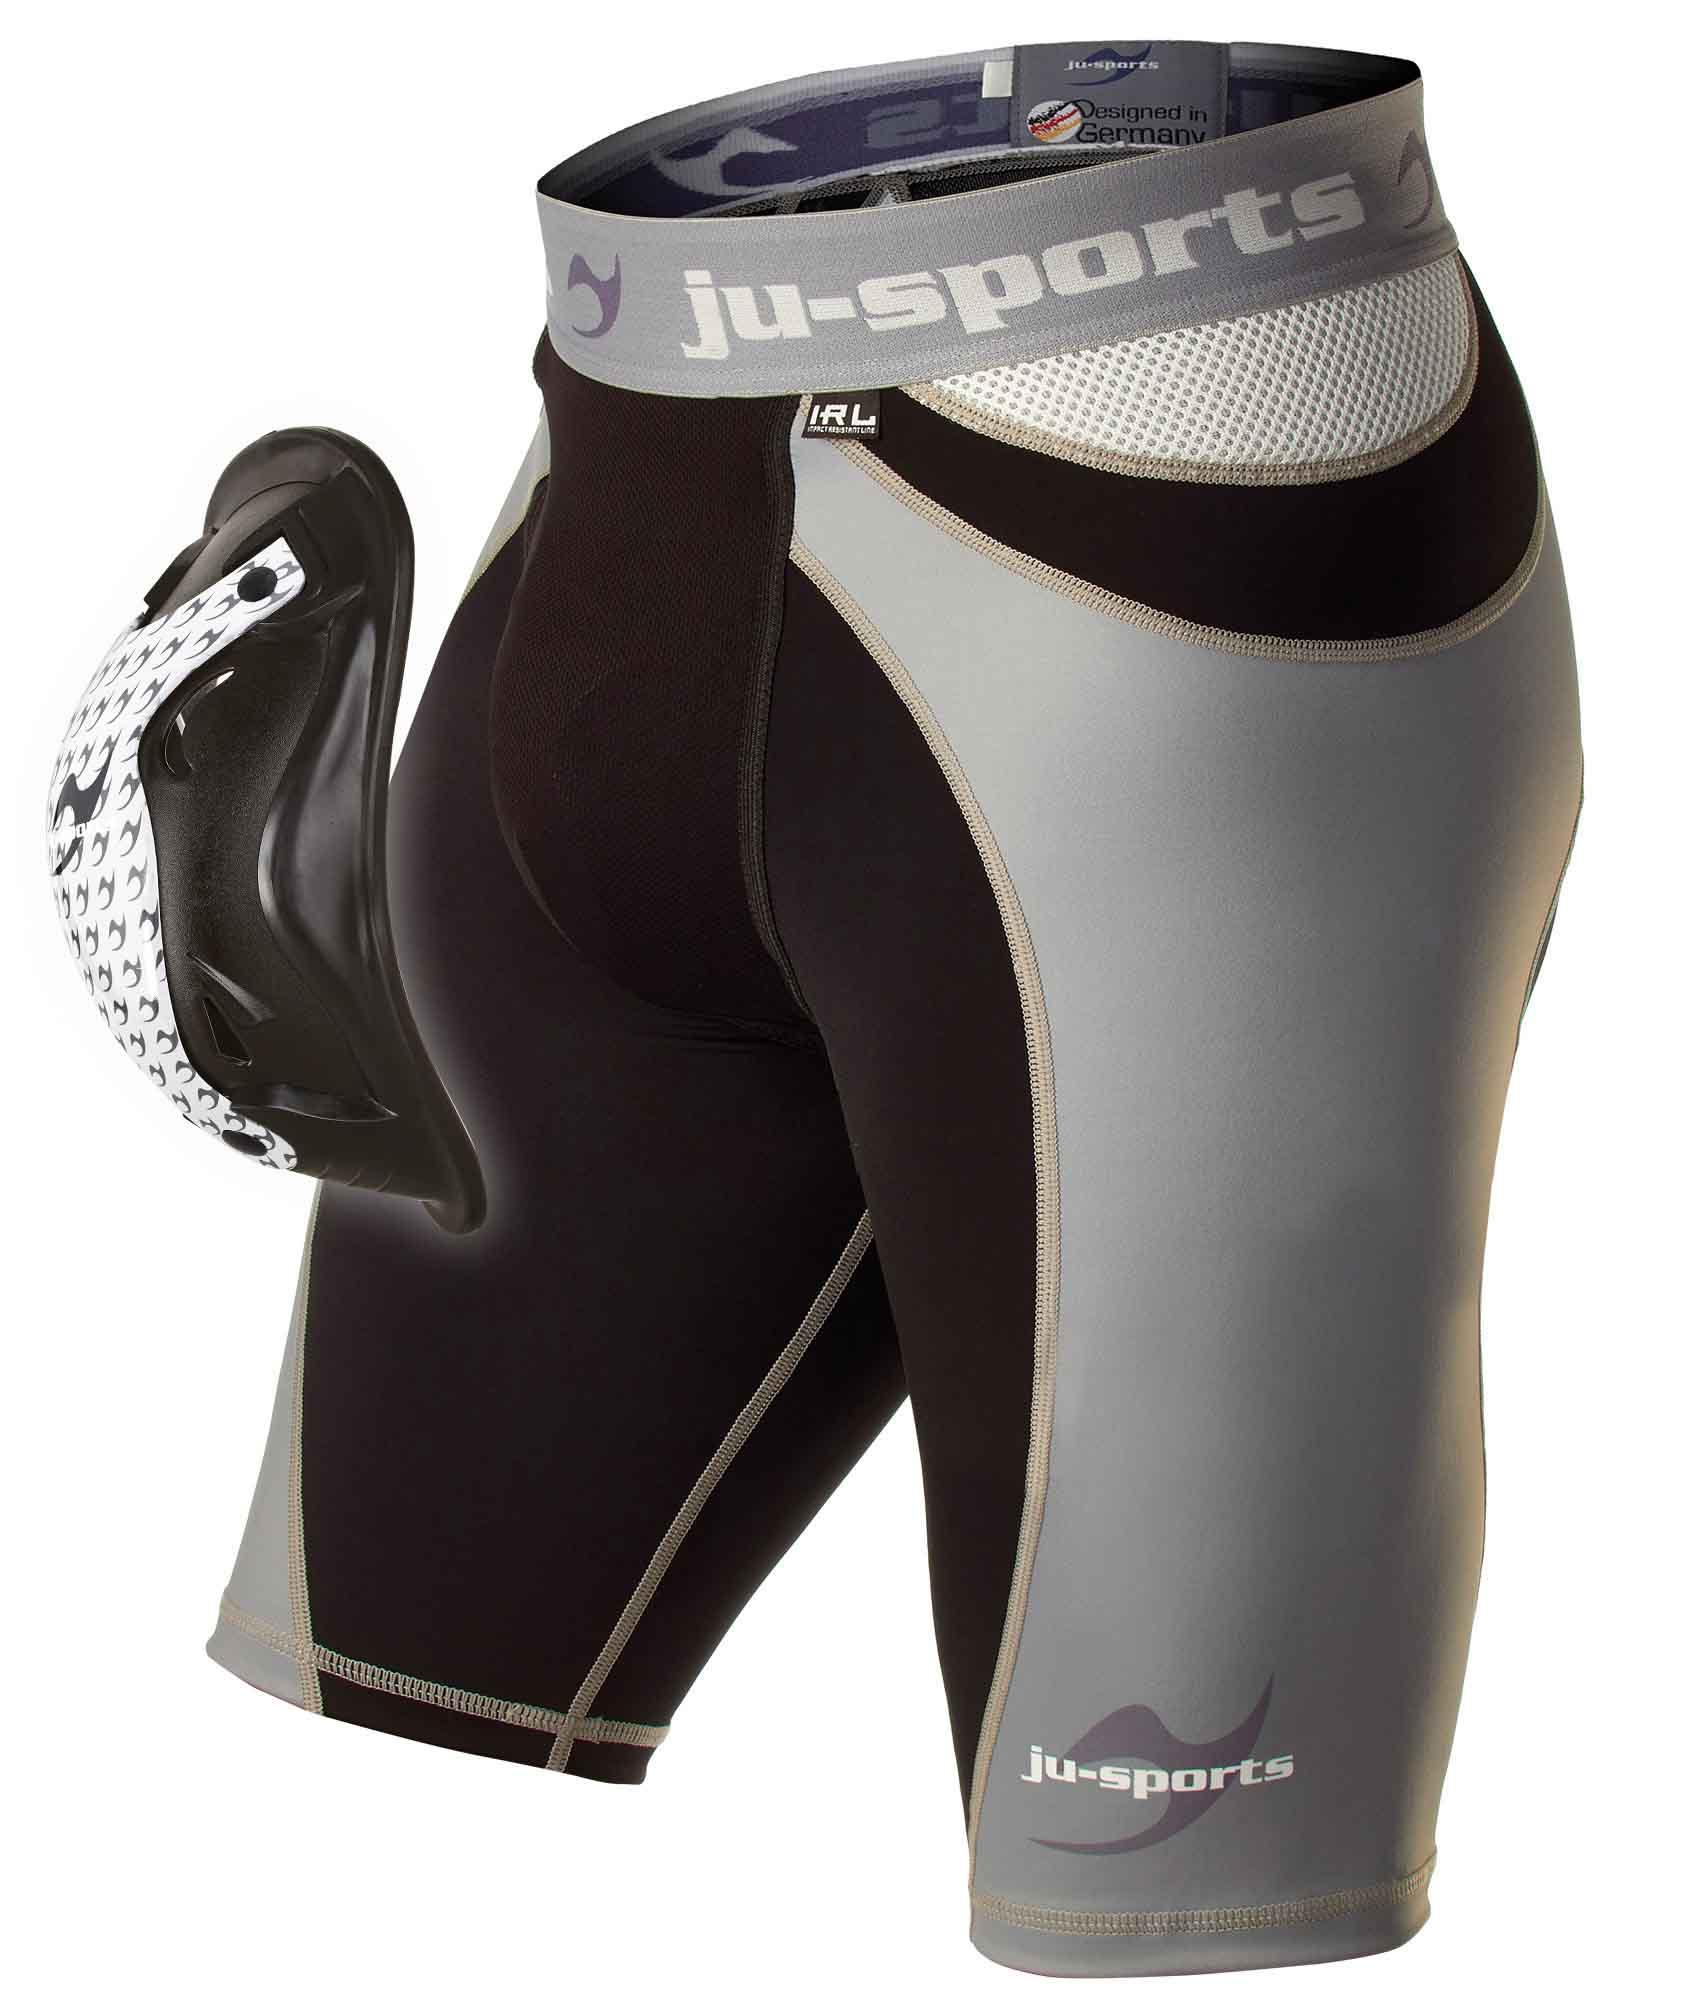 19a8c5fffe4 Ju-Sports Compression ProLine Shorts + Cup